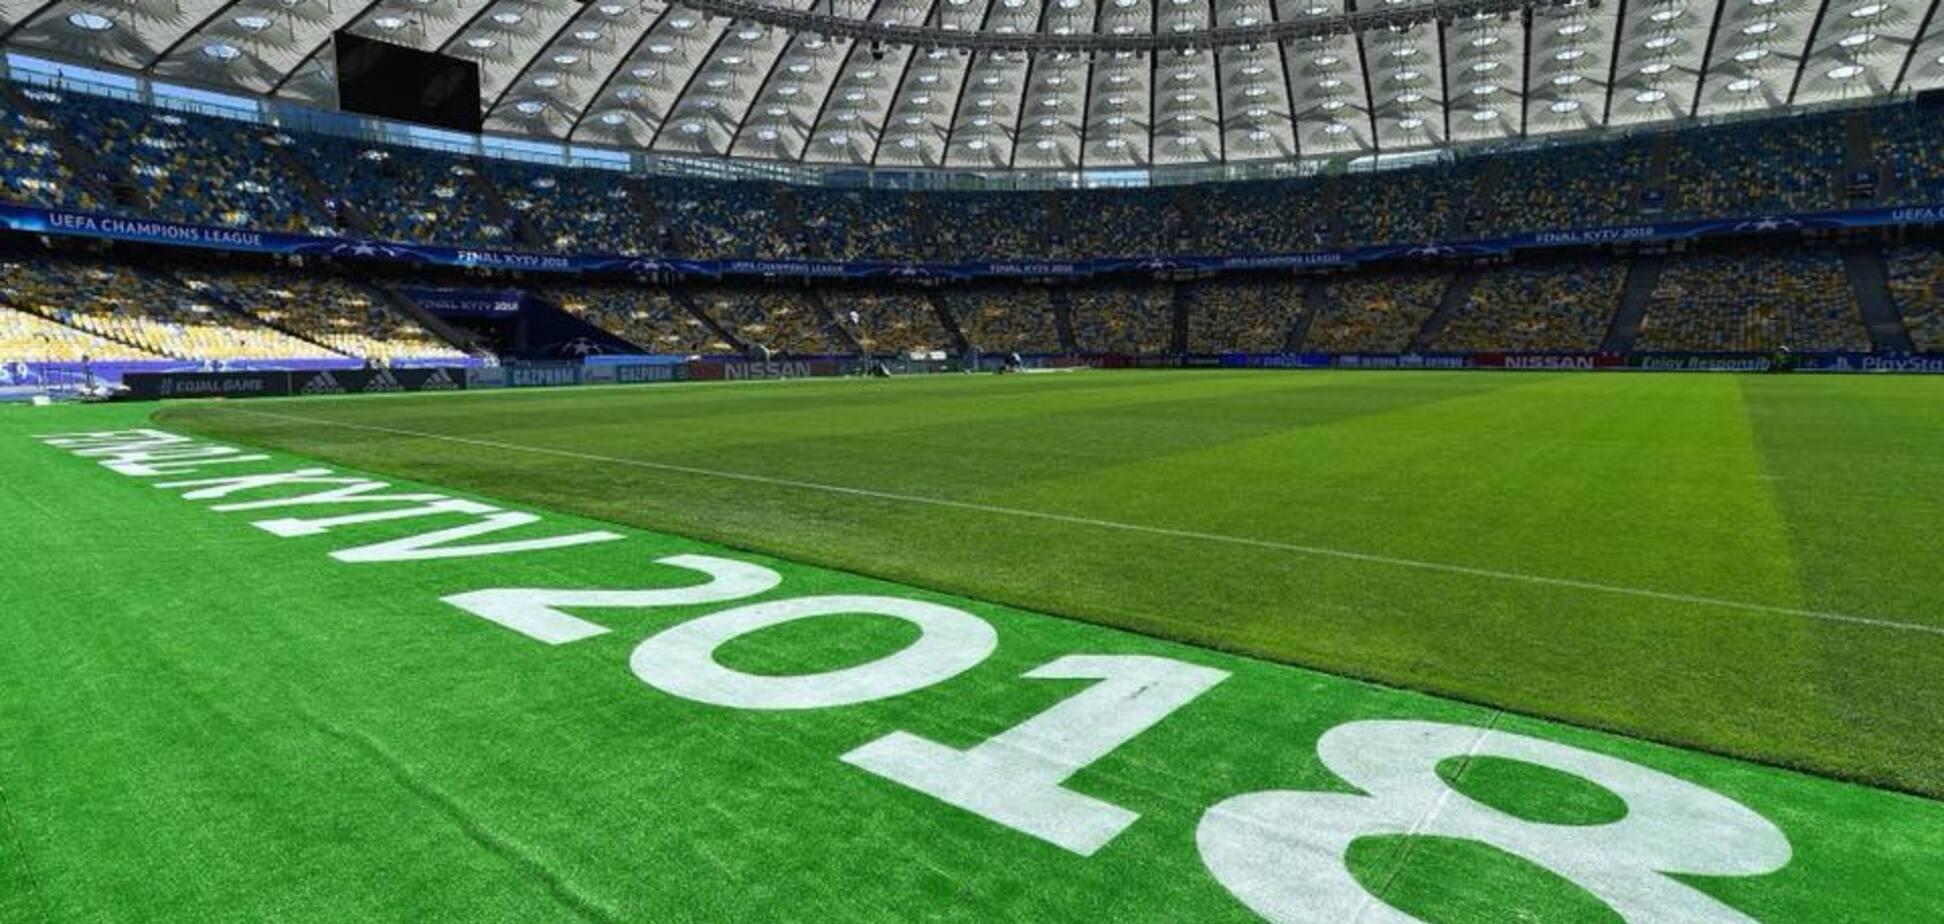 'Это невозможно': в Киеве расписались в бессилии перед 'Газпромом' на финале Лиги чемпионов